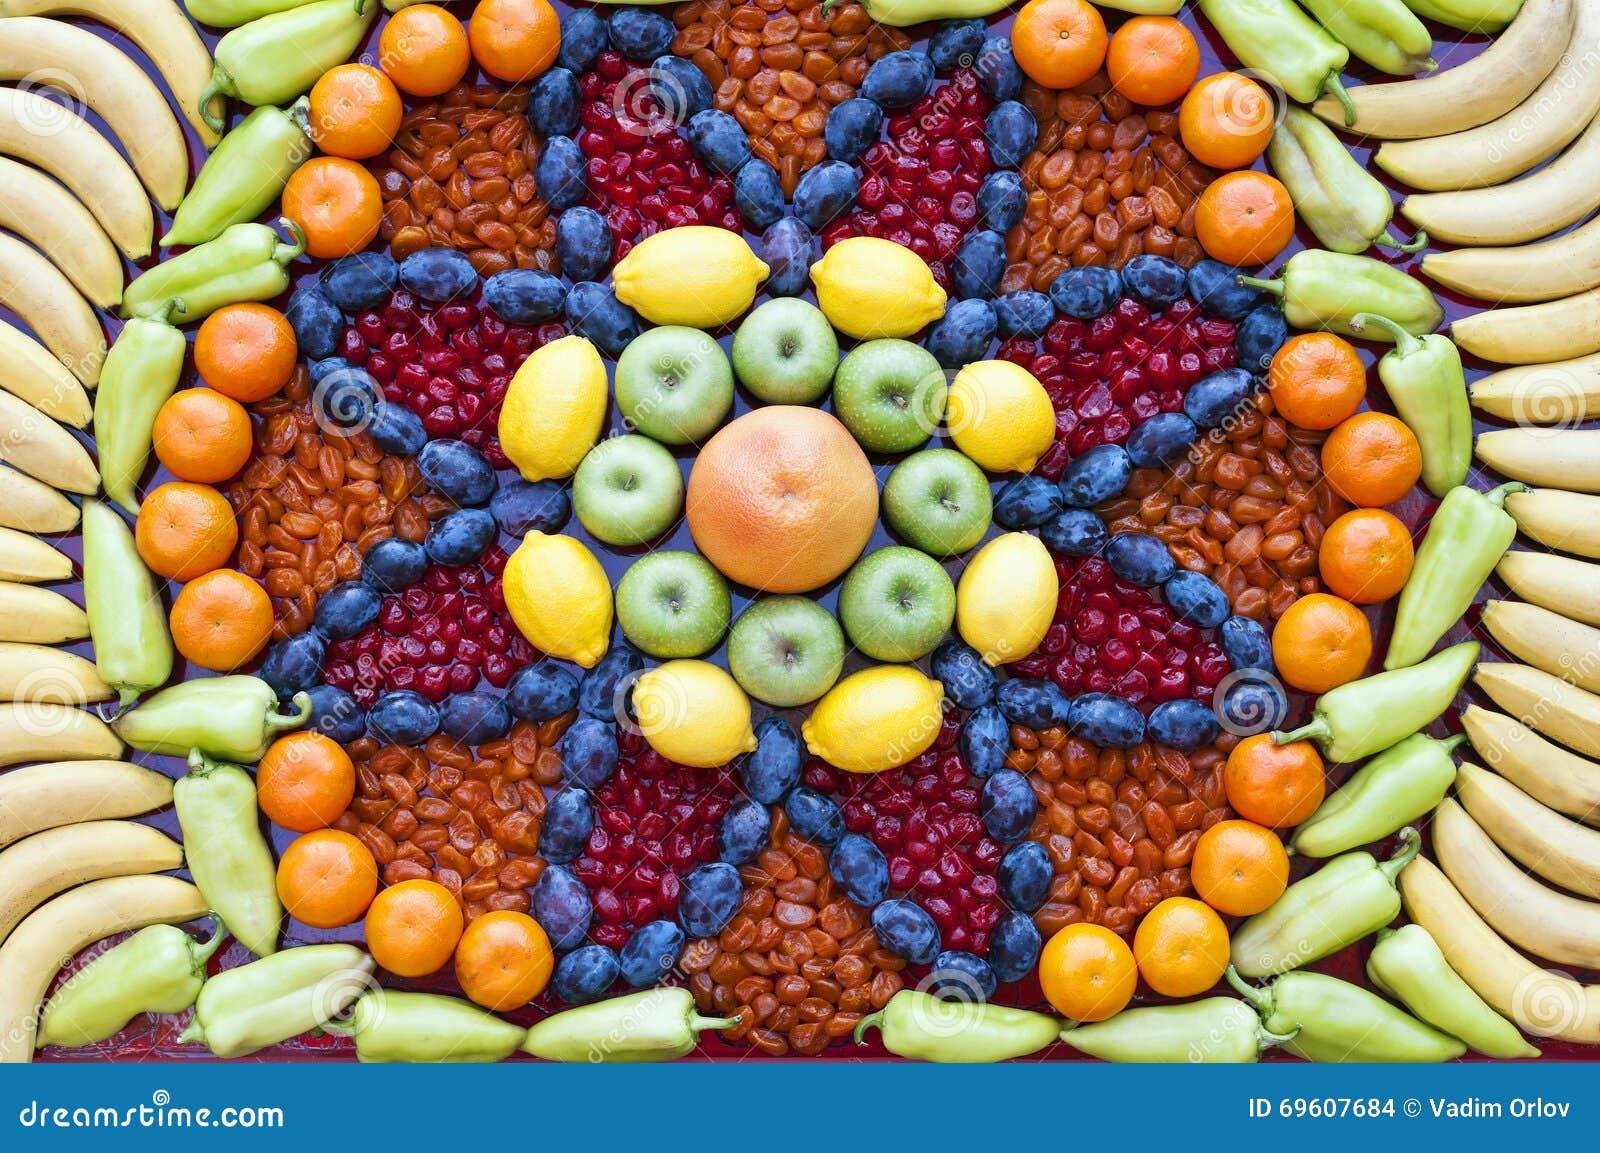 Obst- und Gemüse Mosaik